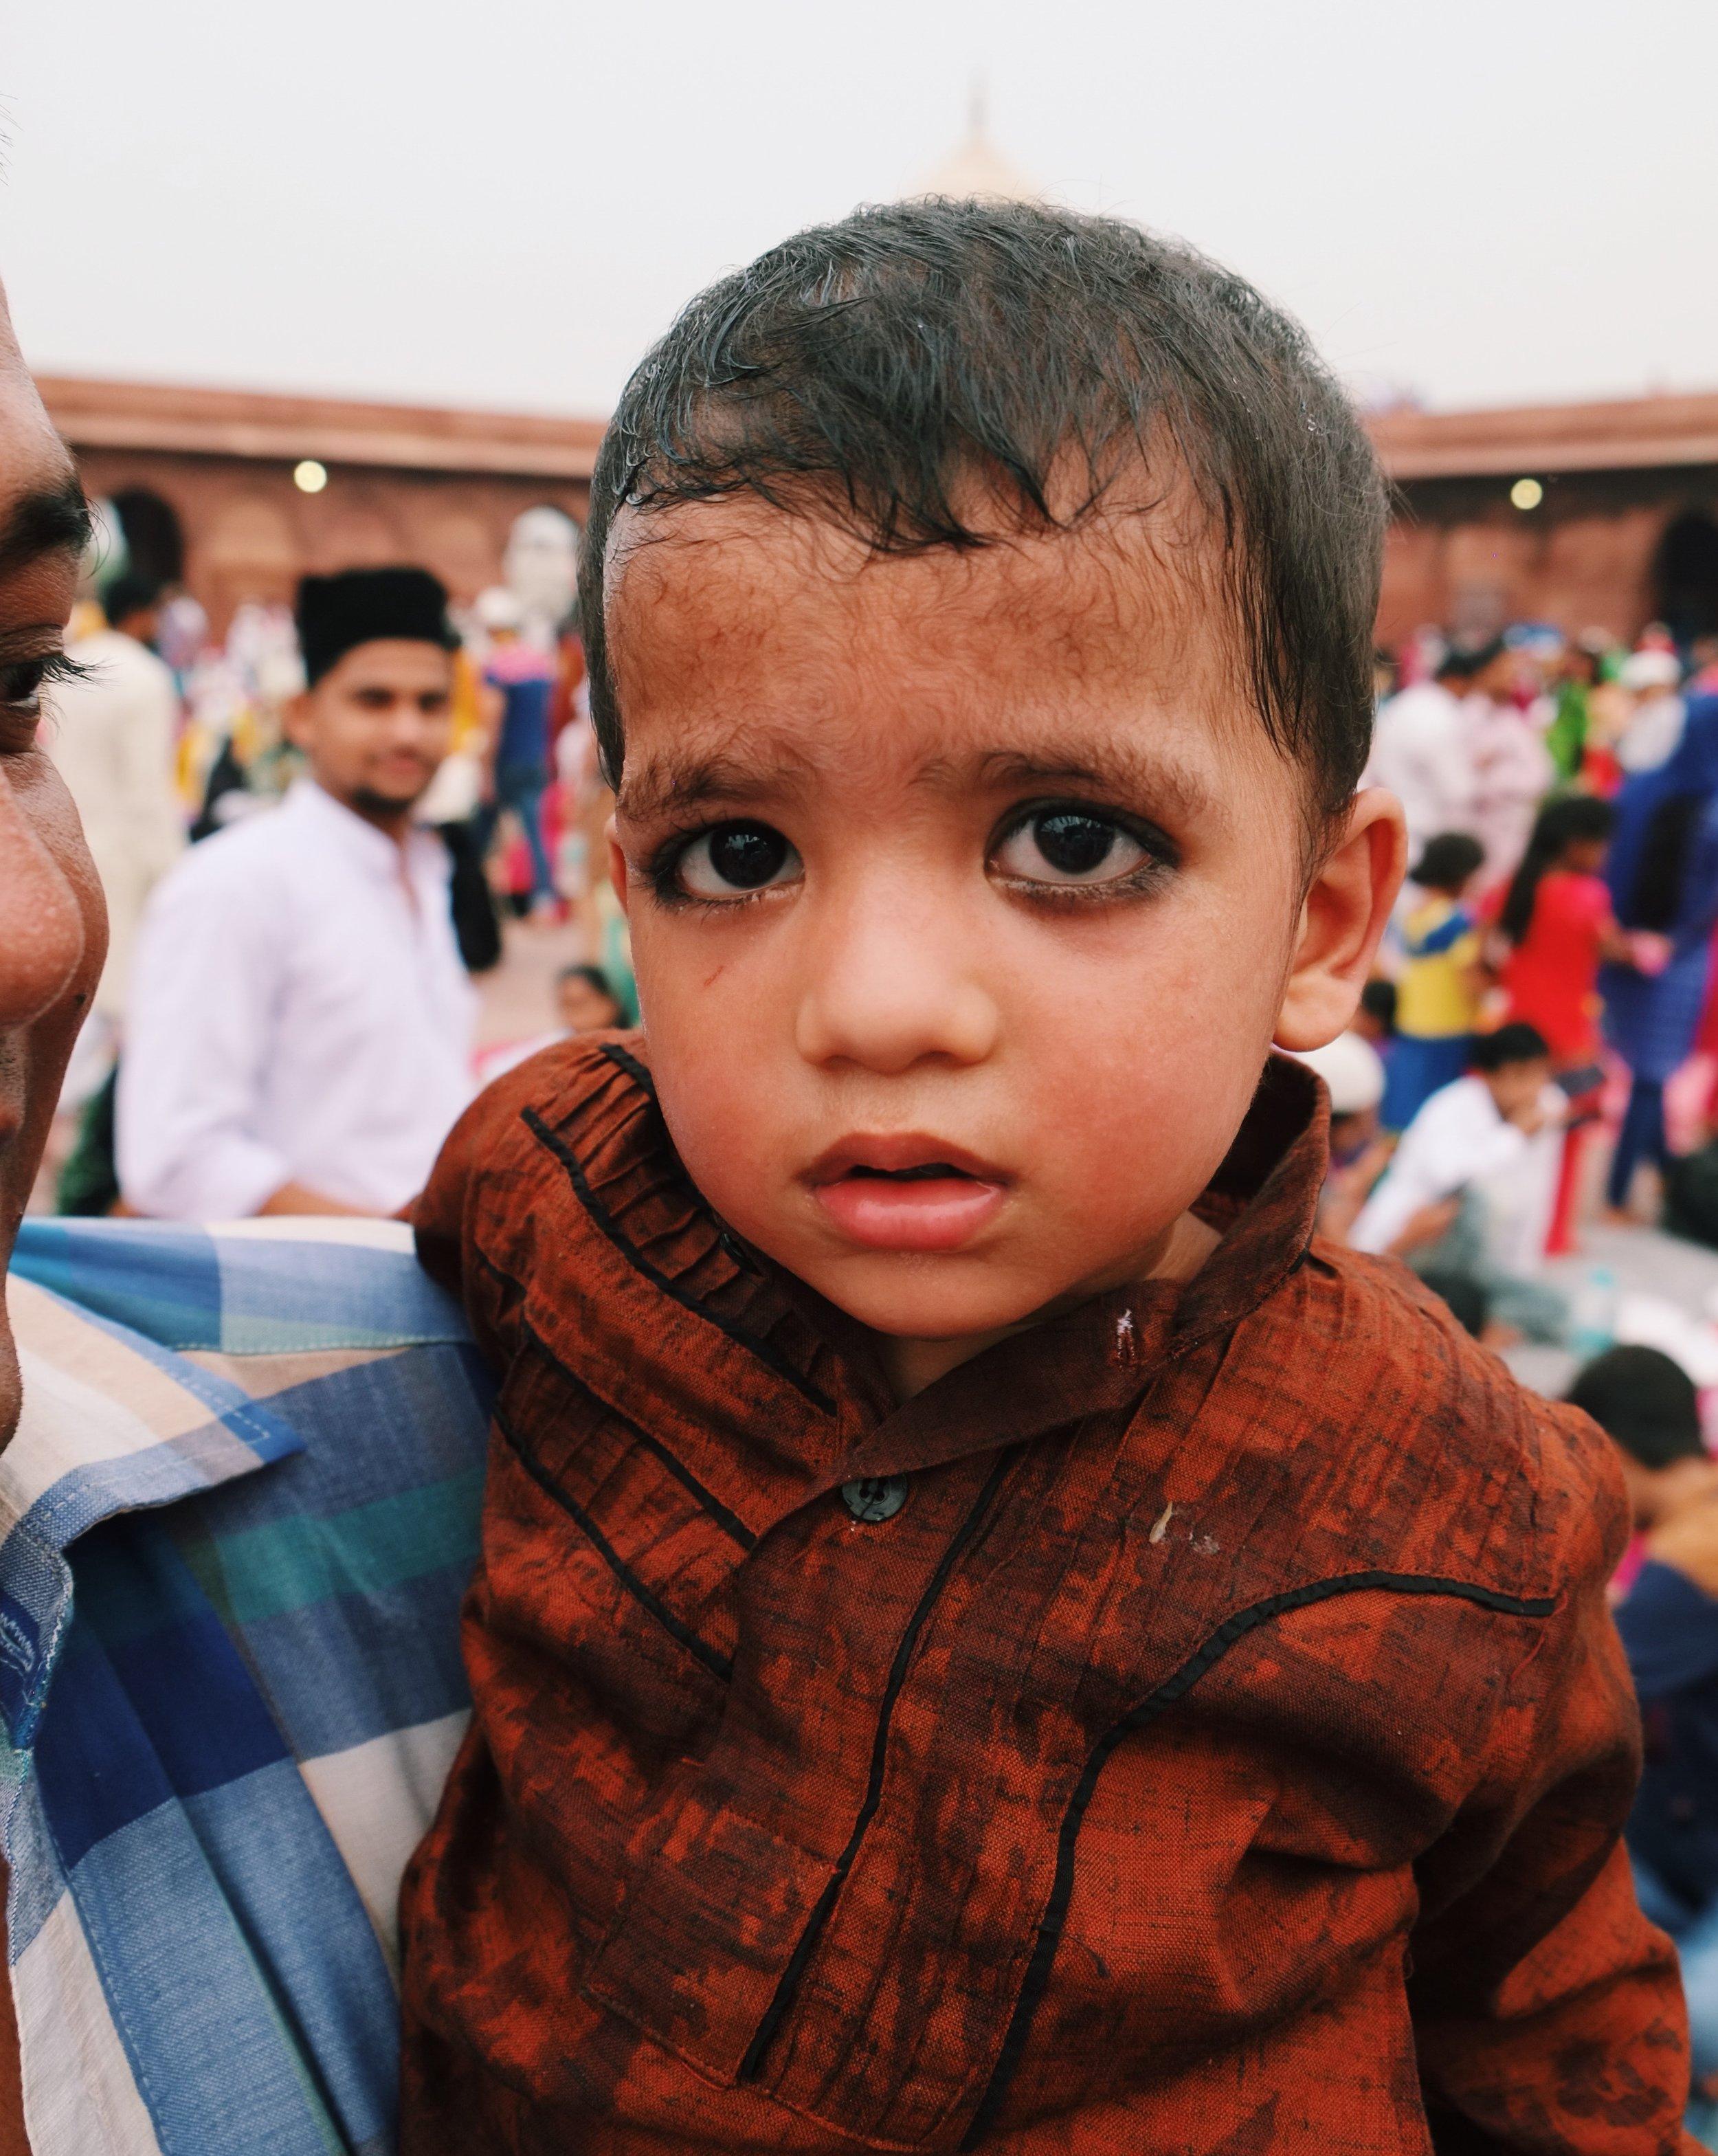 Jama Masjid Boy Friday Mosque New Delhi India Joost Bastmeijer.jpeg